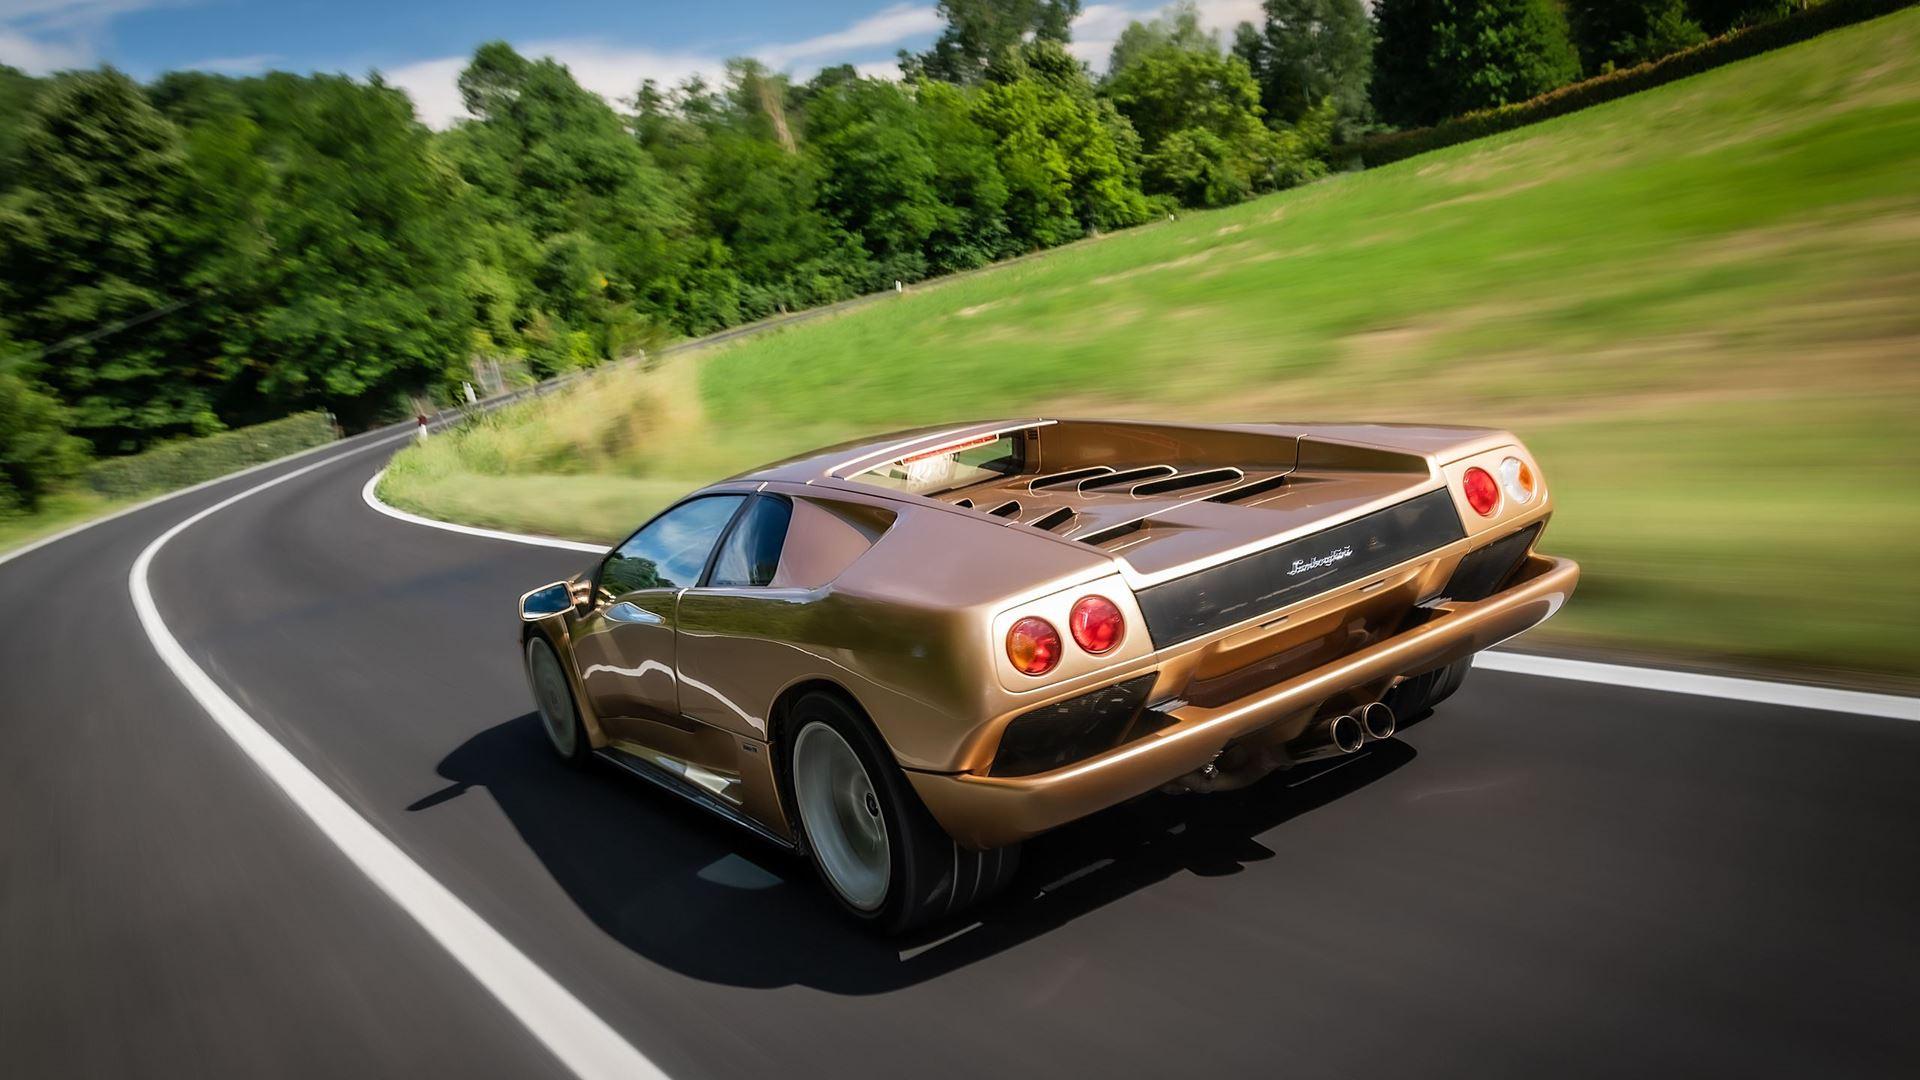 Lamborghini celebrates the 30th Anniversary of the Diablo - Image 5